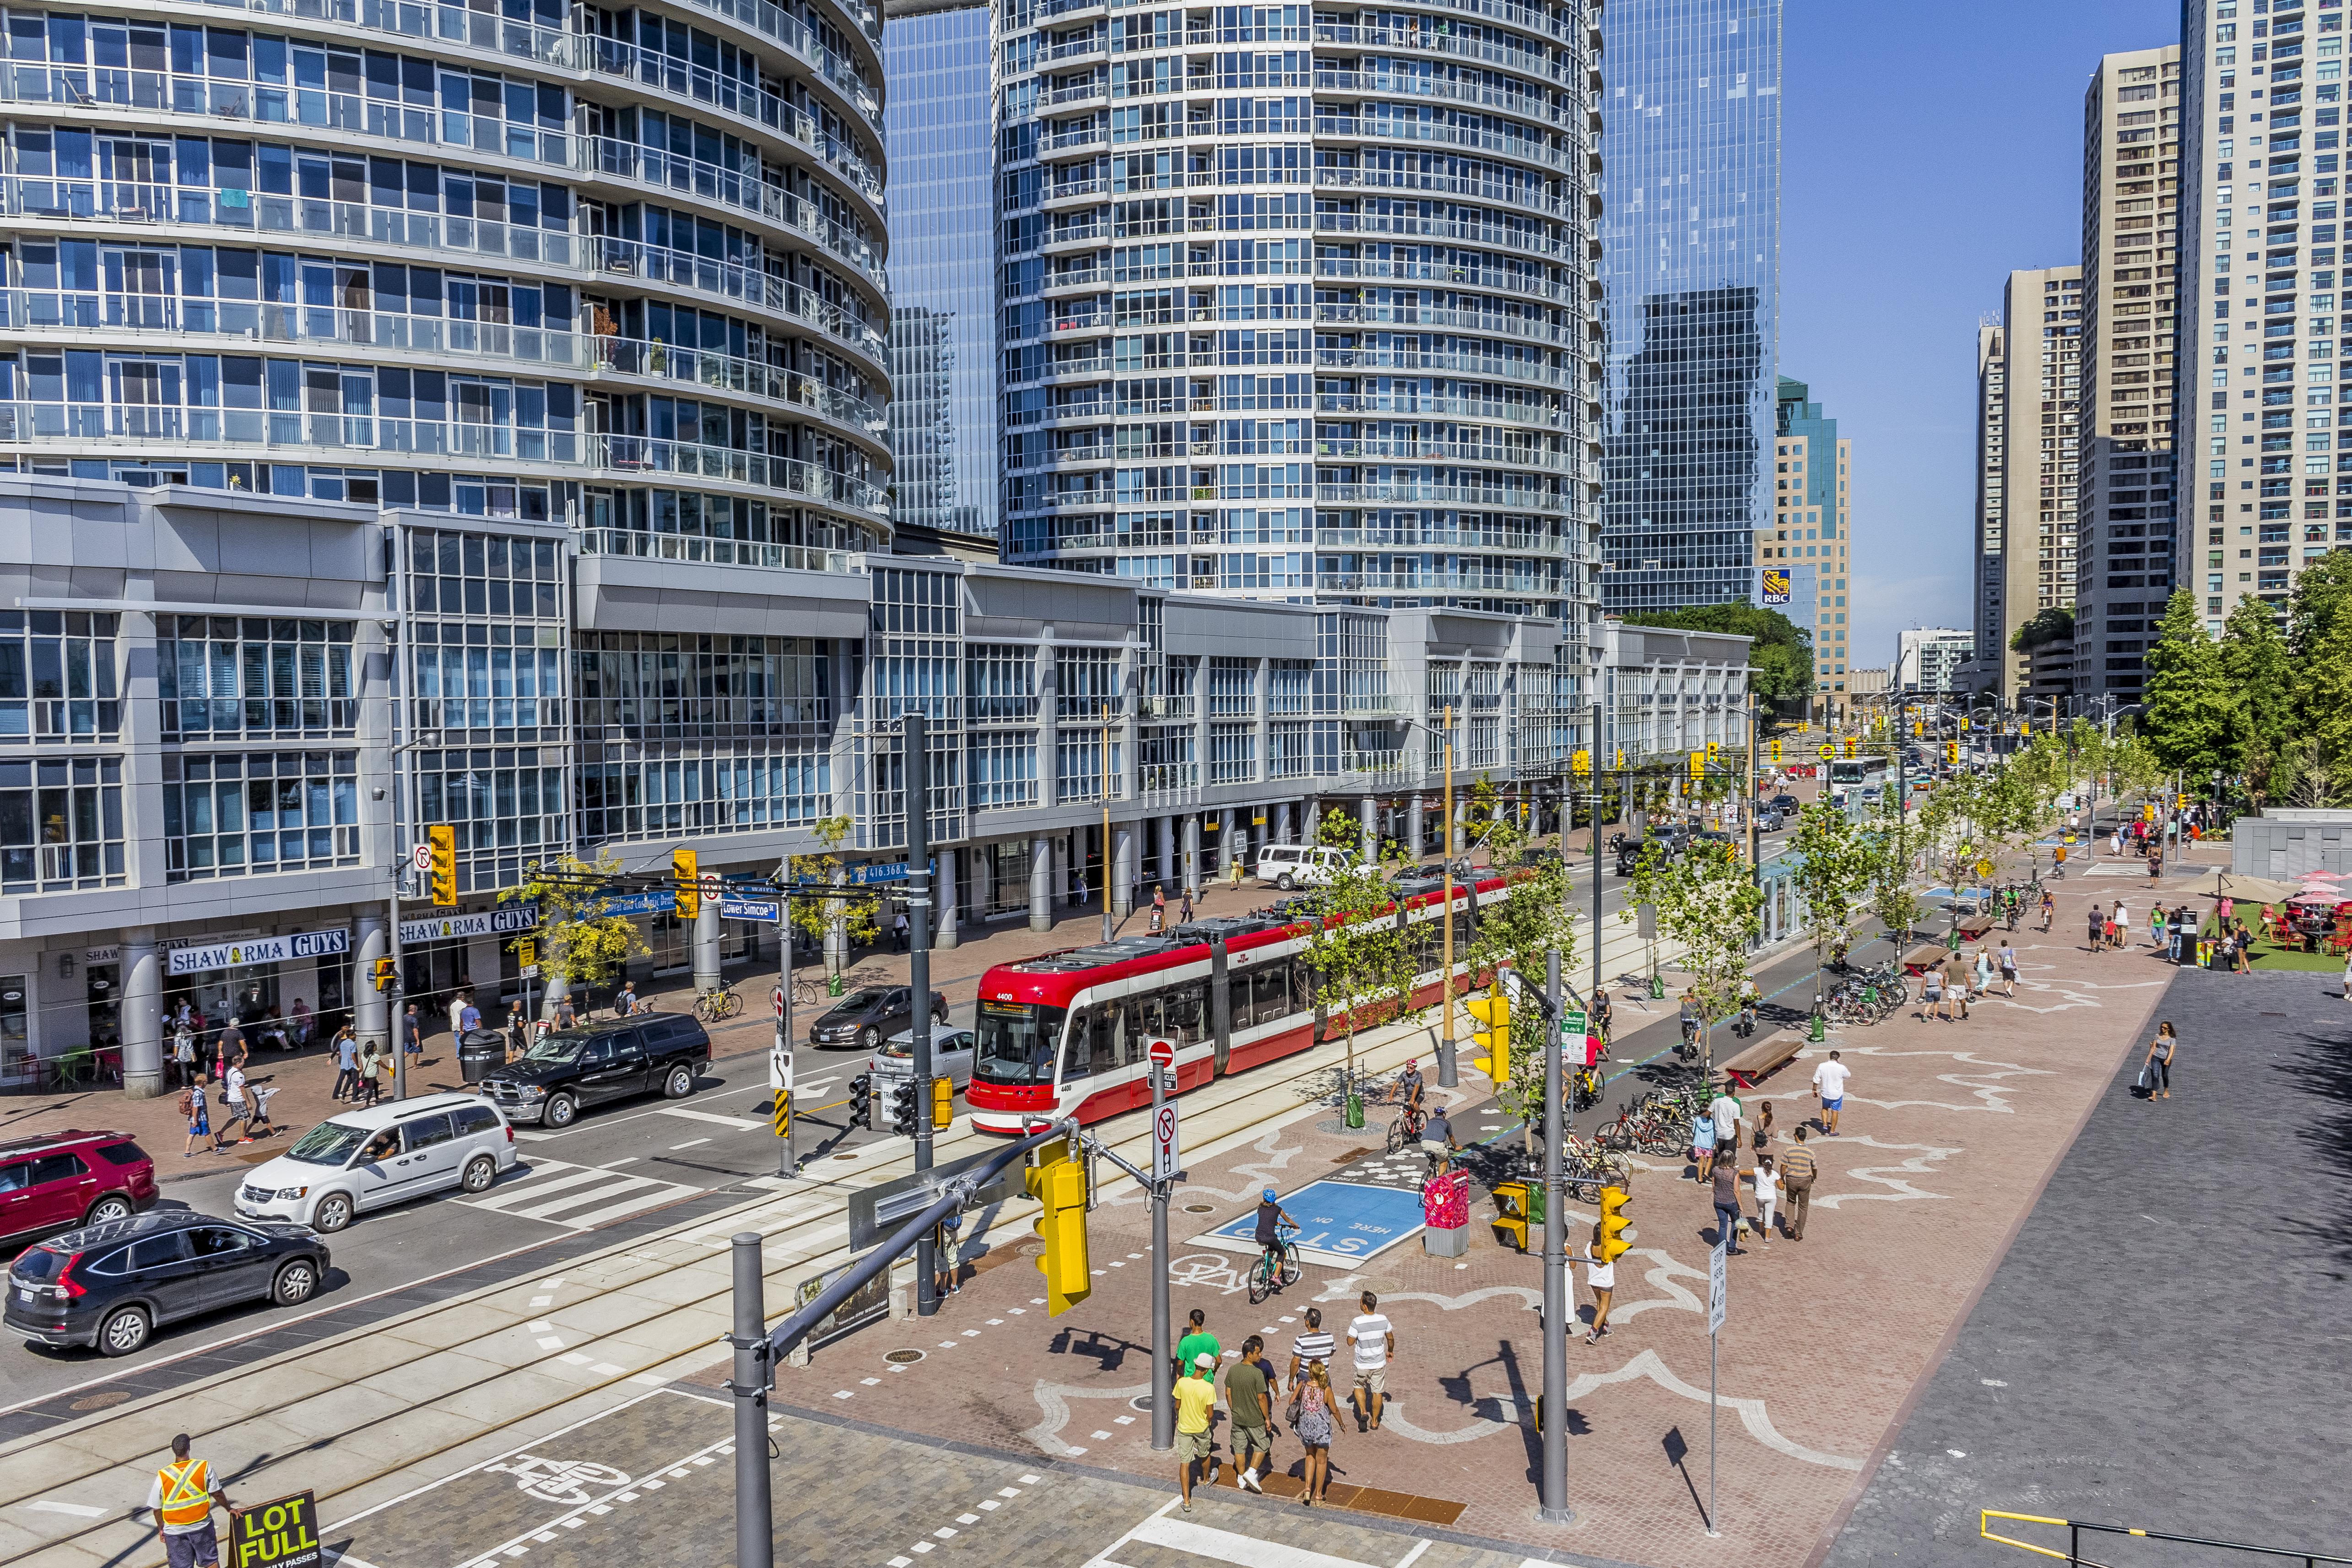 Queens Quay, Toronto (credit: Brian Medina)